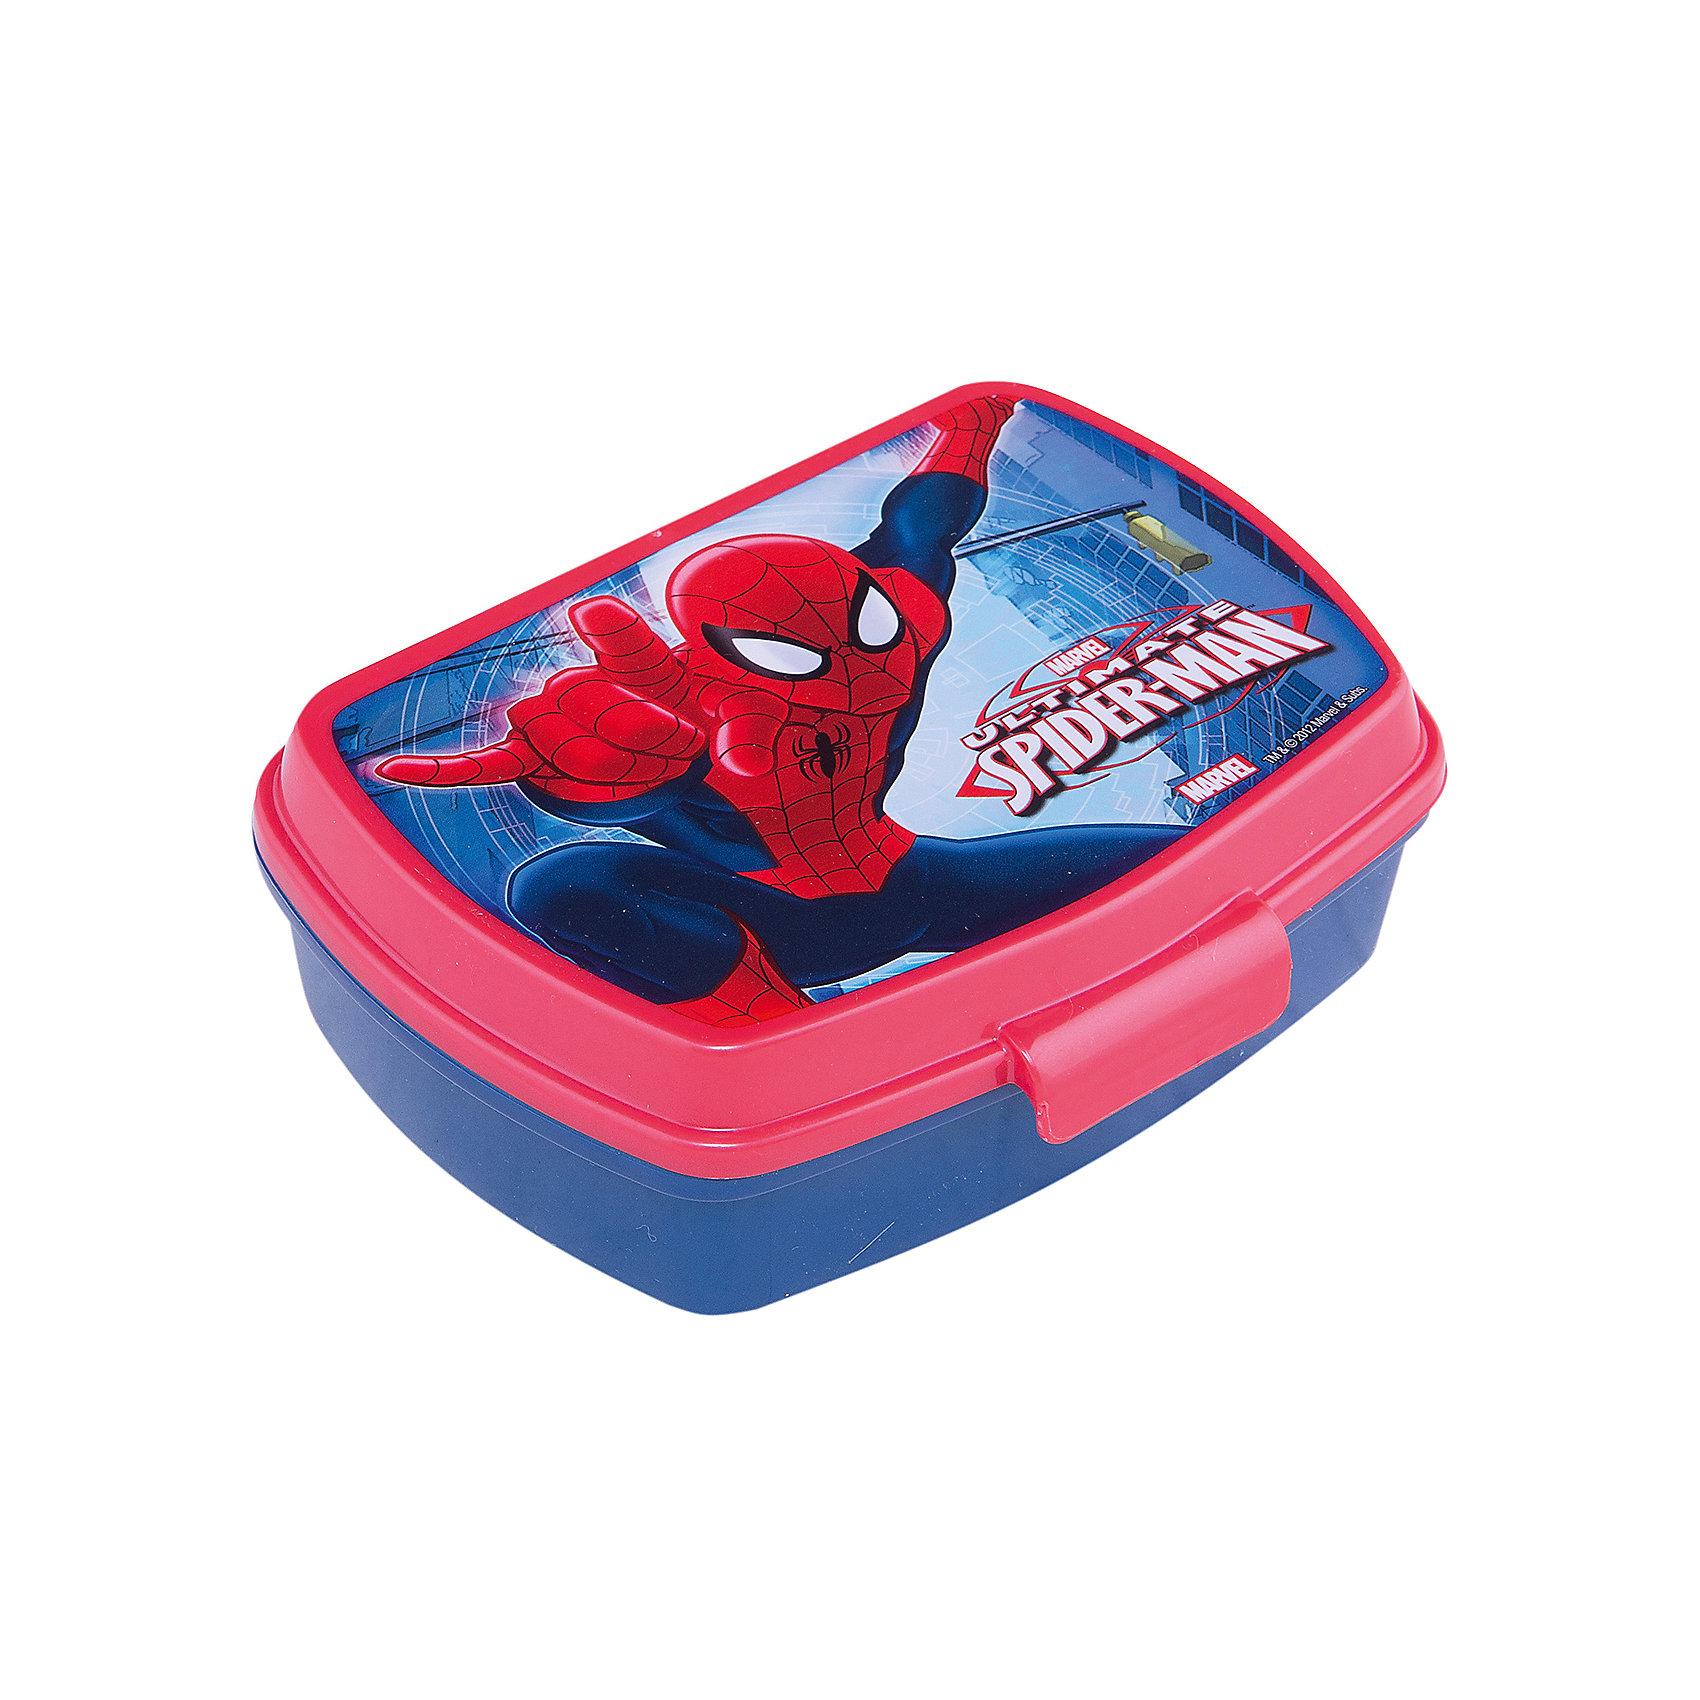 Бутербродница, Человек-паукДетская посуда<br>Бутербродница Человек-паук изготовлена из прочного гипоаллергенного пластика абсолютно безопасного для детей. Пластиковая посуда удобна и практична, ее можно брать с собой куда угодно, не беспокоясь о том, что она может разбиться. Яркий дизайн и изображения любимых героев обязательно порадуют вашего ребенка. Бутербродница - идеальный вариант для хранения детских завтраков, она оснащена удобным замком, с которым сможет справиться даже маленький ребенок, а благодаря твердой конструкции пища не помнется и не раскрошится в рюкзаке или сумке. <br><br>Дополнительная информация:<br><br>- Материал: пластик.<br>- Размер: 17,5х14х6 см.<br>- Удобный замок.<br><br>Бутербродницу Человек-паук (Spider-Man) можно купить в нашем магазине.<br><br>Ширина мм: 190<br>Глубина мм: 141<br>Высота мм: 60<br>Вес г: 81<br>Возраст от месяцев: 36<br>Возраст до месяцев: 84<br>Пол: Мужской<br>Возраст: Детский<br>SKU: 4761400